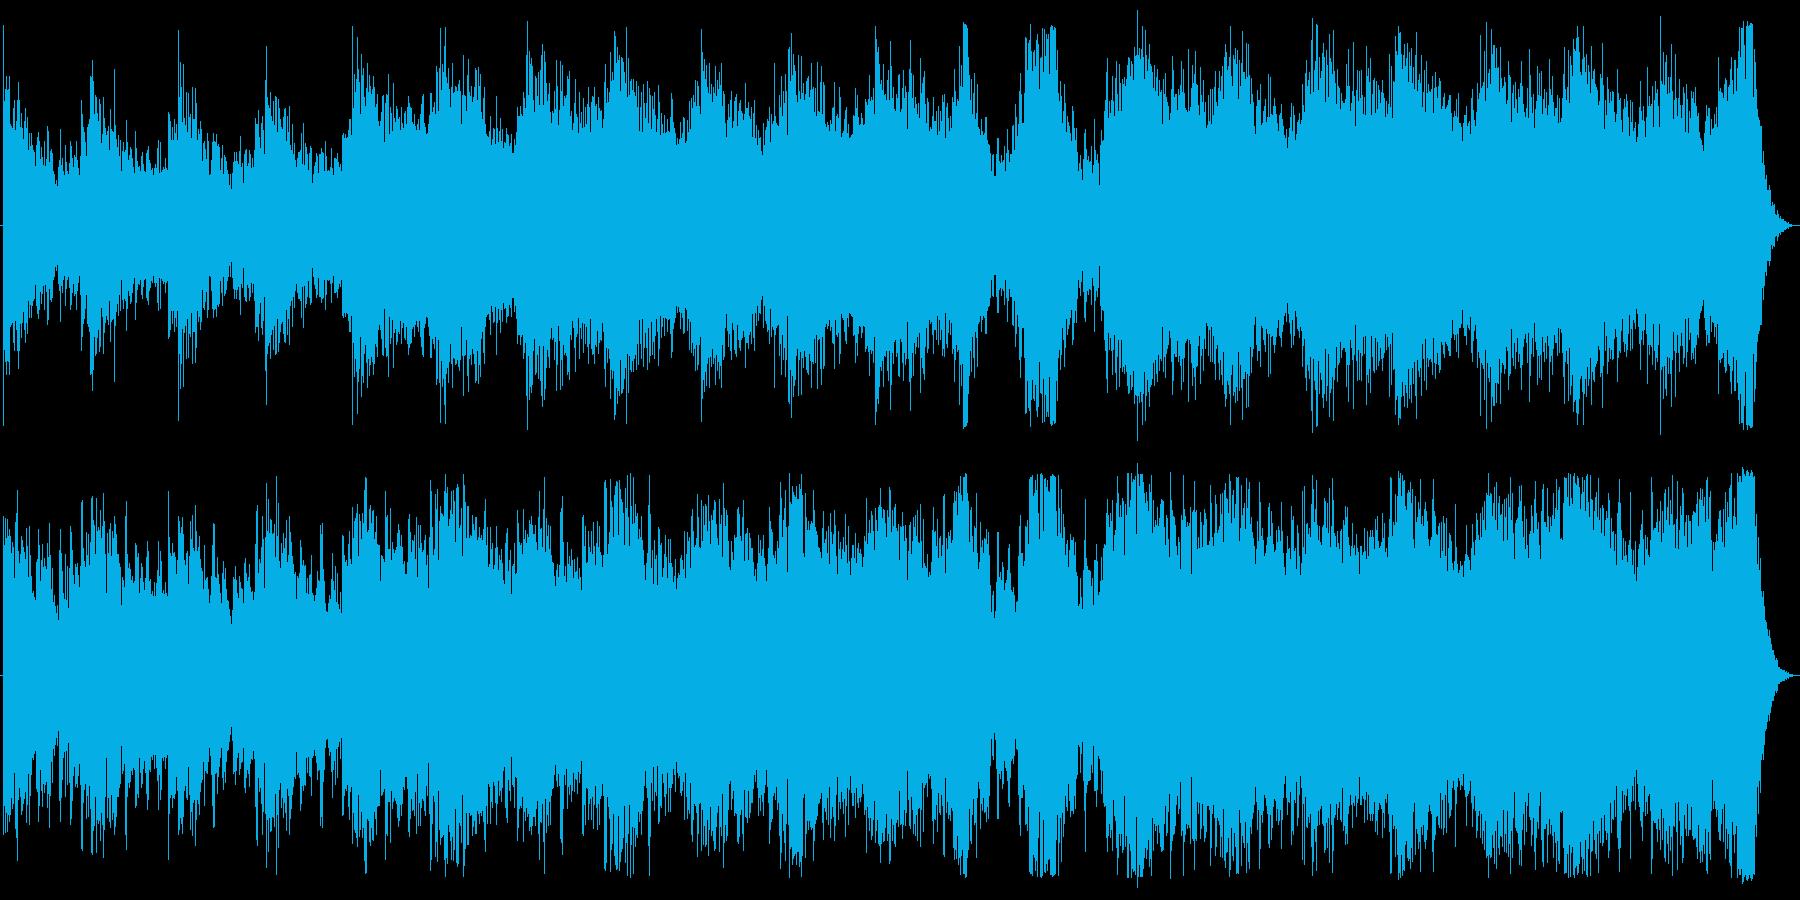 シリアスな洋画のエンディング風の再生済みの波形